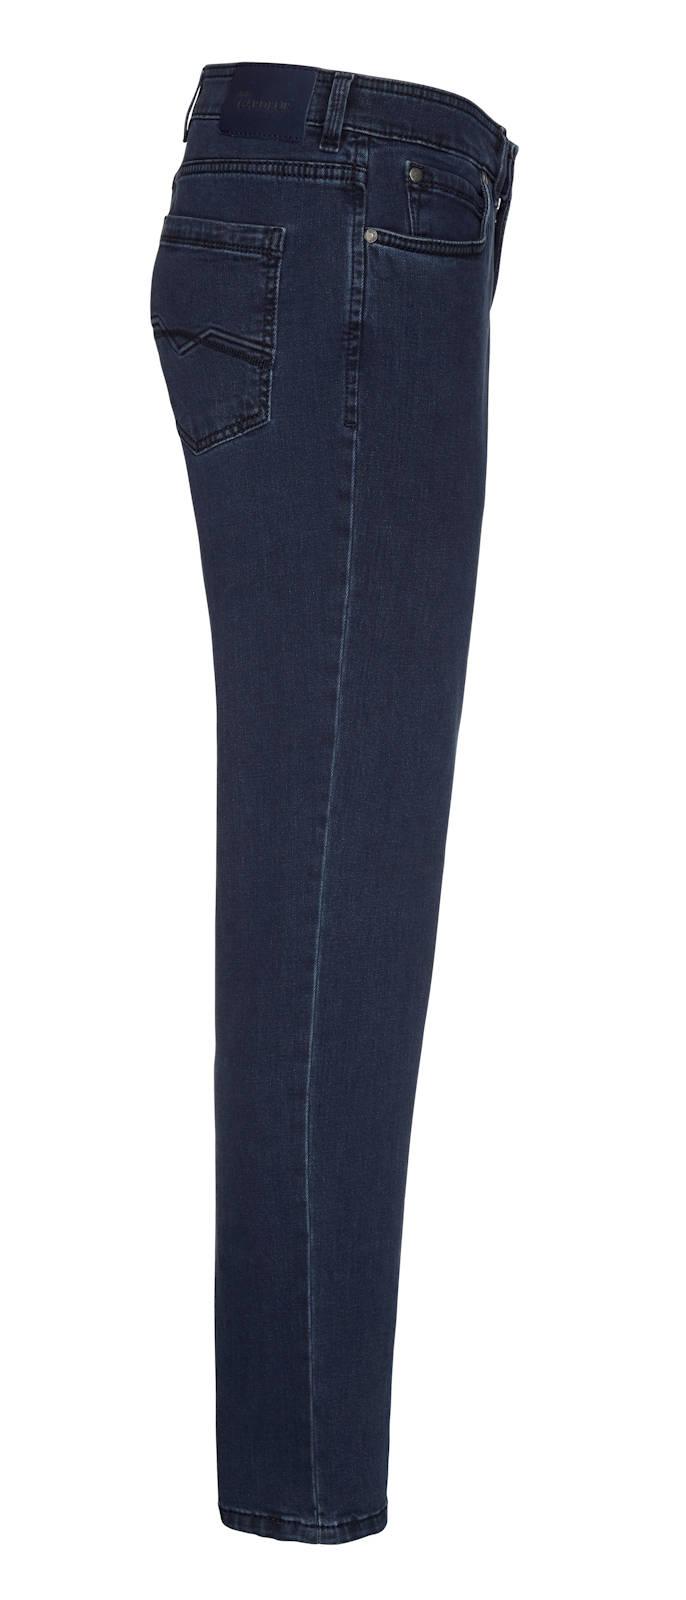 Atelier-GARDEUR-Jeans-BATU-2-Modern-Fit-Herren-Hose-Slim-Leg-Denim-NEU Indexbild 11